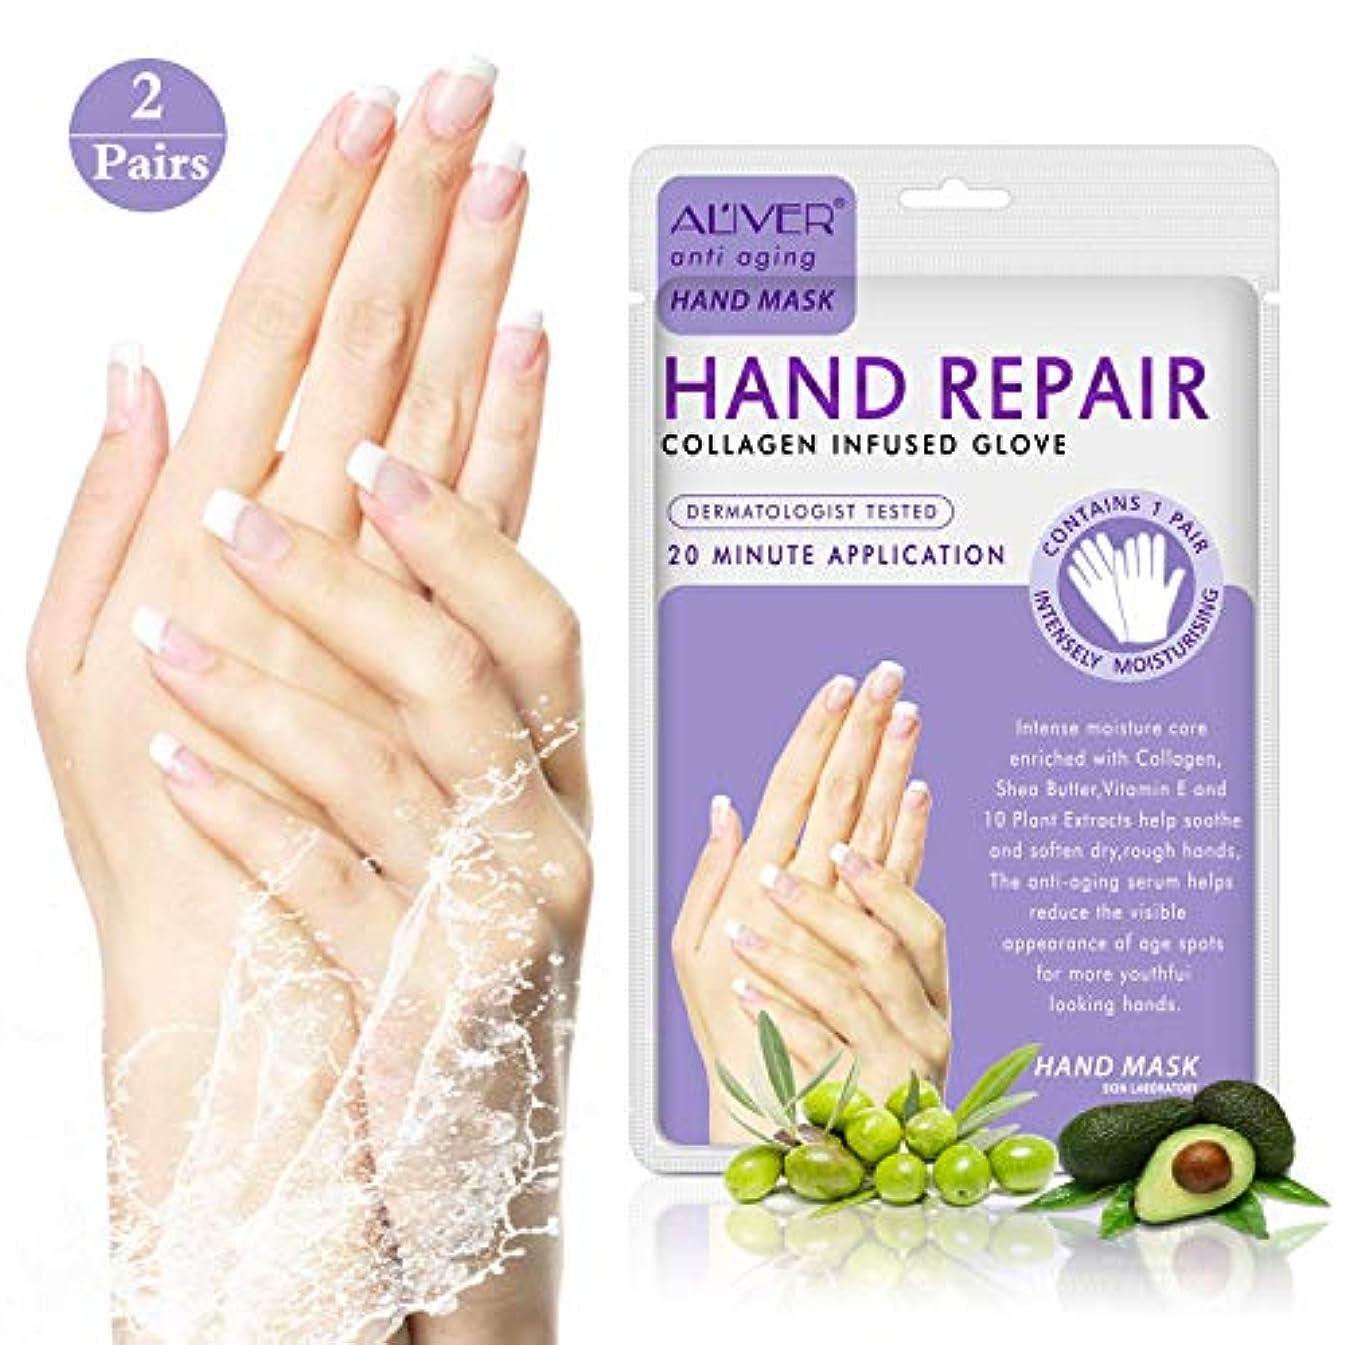 楕円形聖歌くしゃみ2パックの保湿手袋、ハンドケア、ひびの治療、保湿ハンドマスク、男女の肌荒れを修復します。